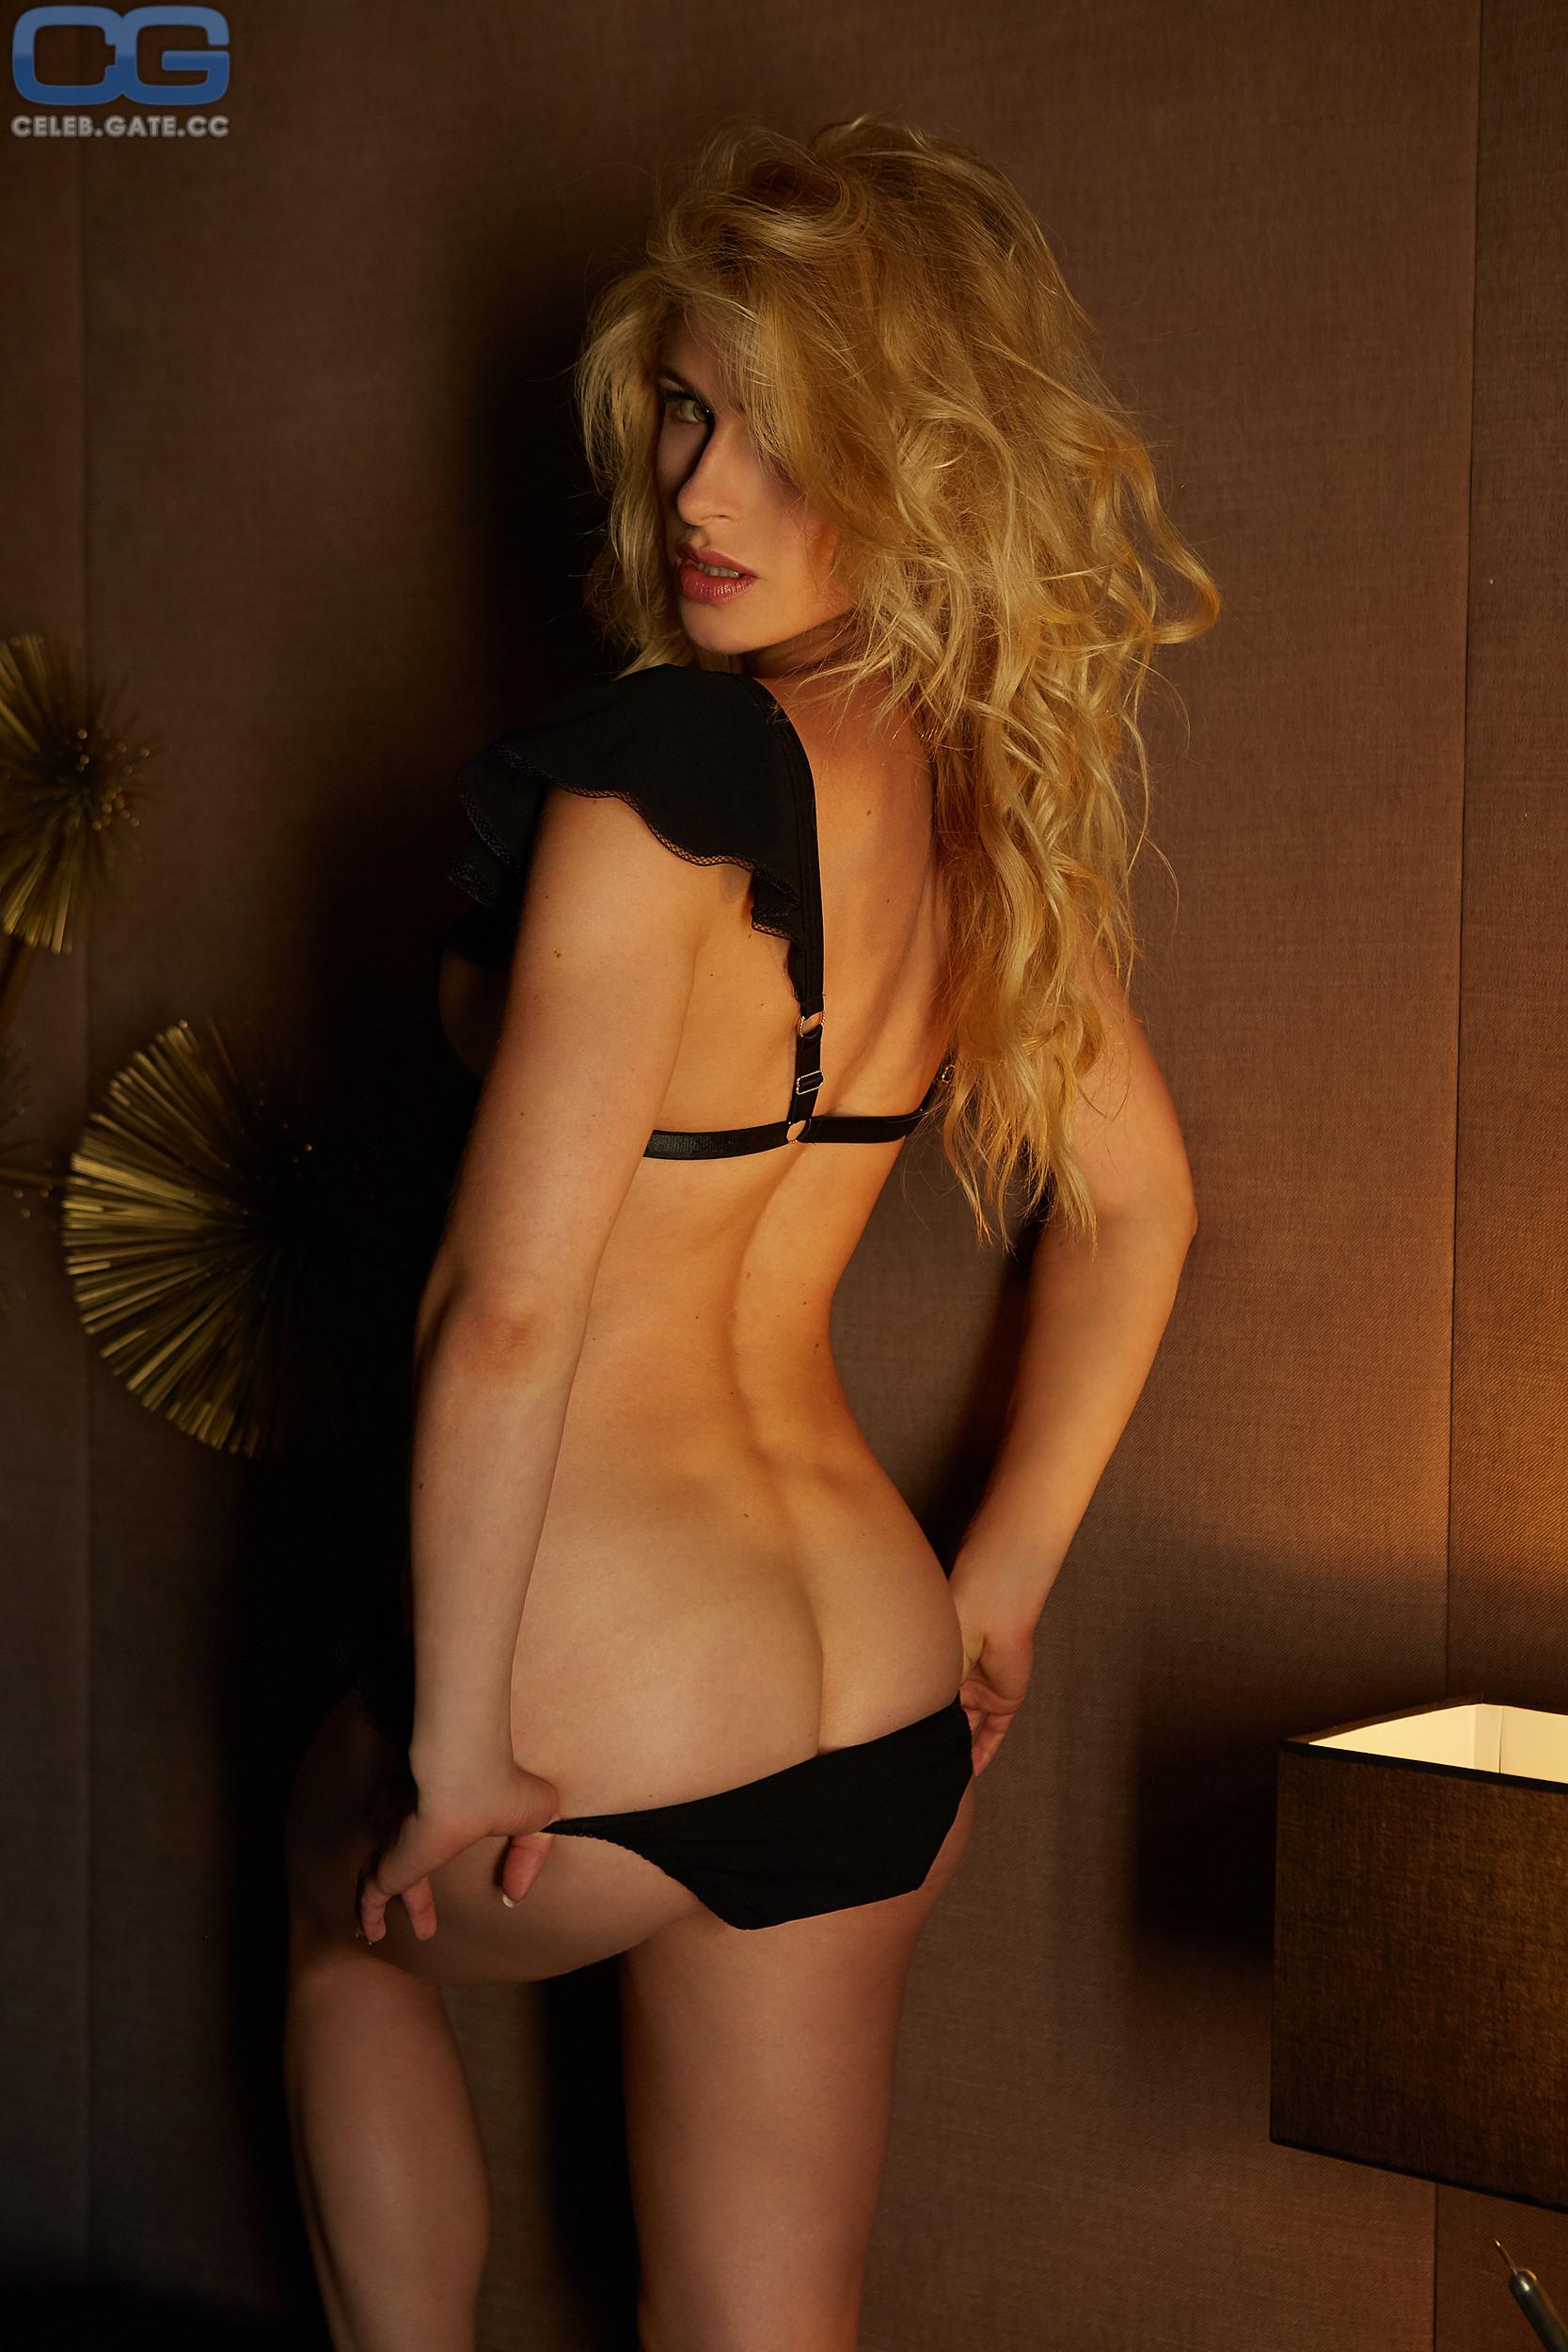 Nackt lea götz Miss November: